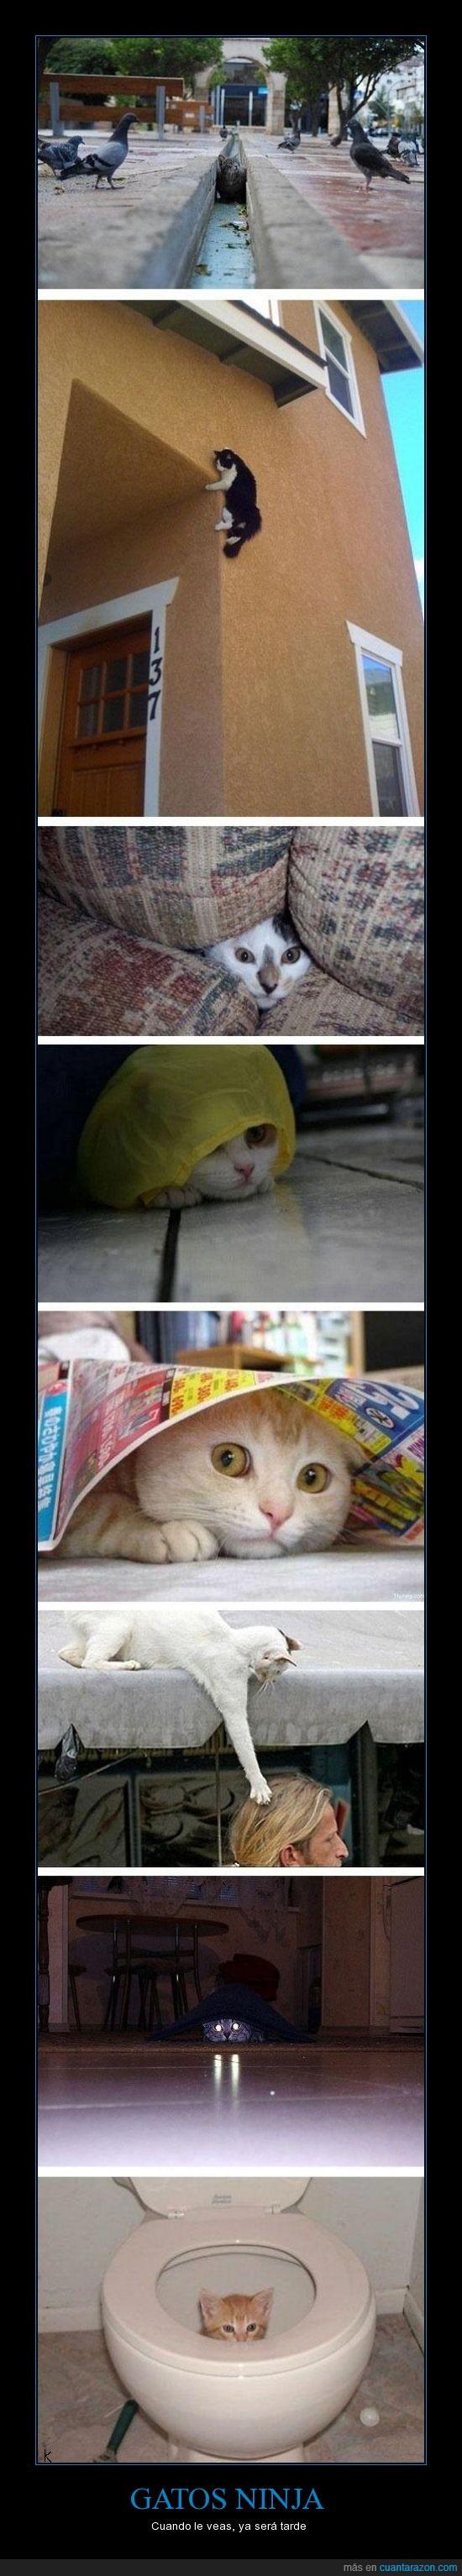 destrucción,gatos,muerte,ninja,planean algo seguro